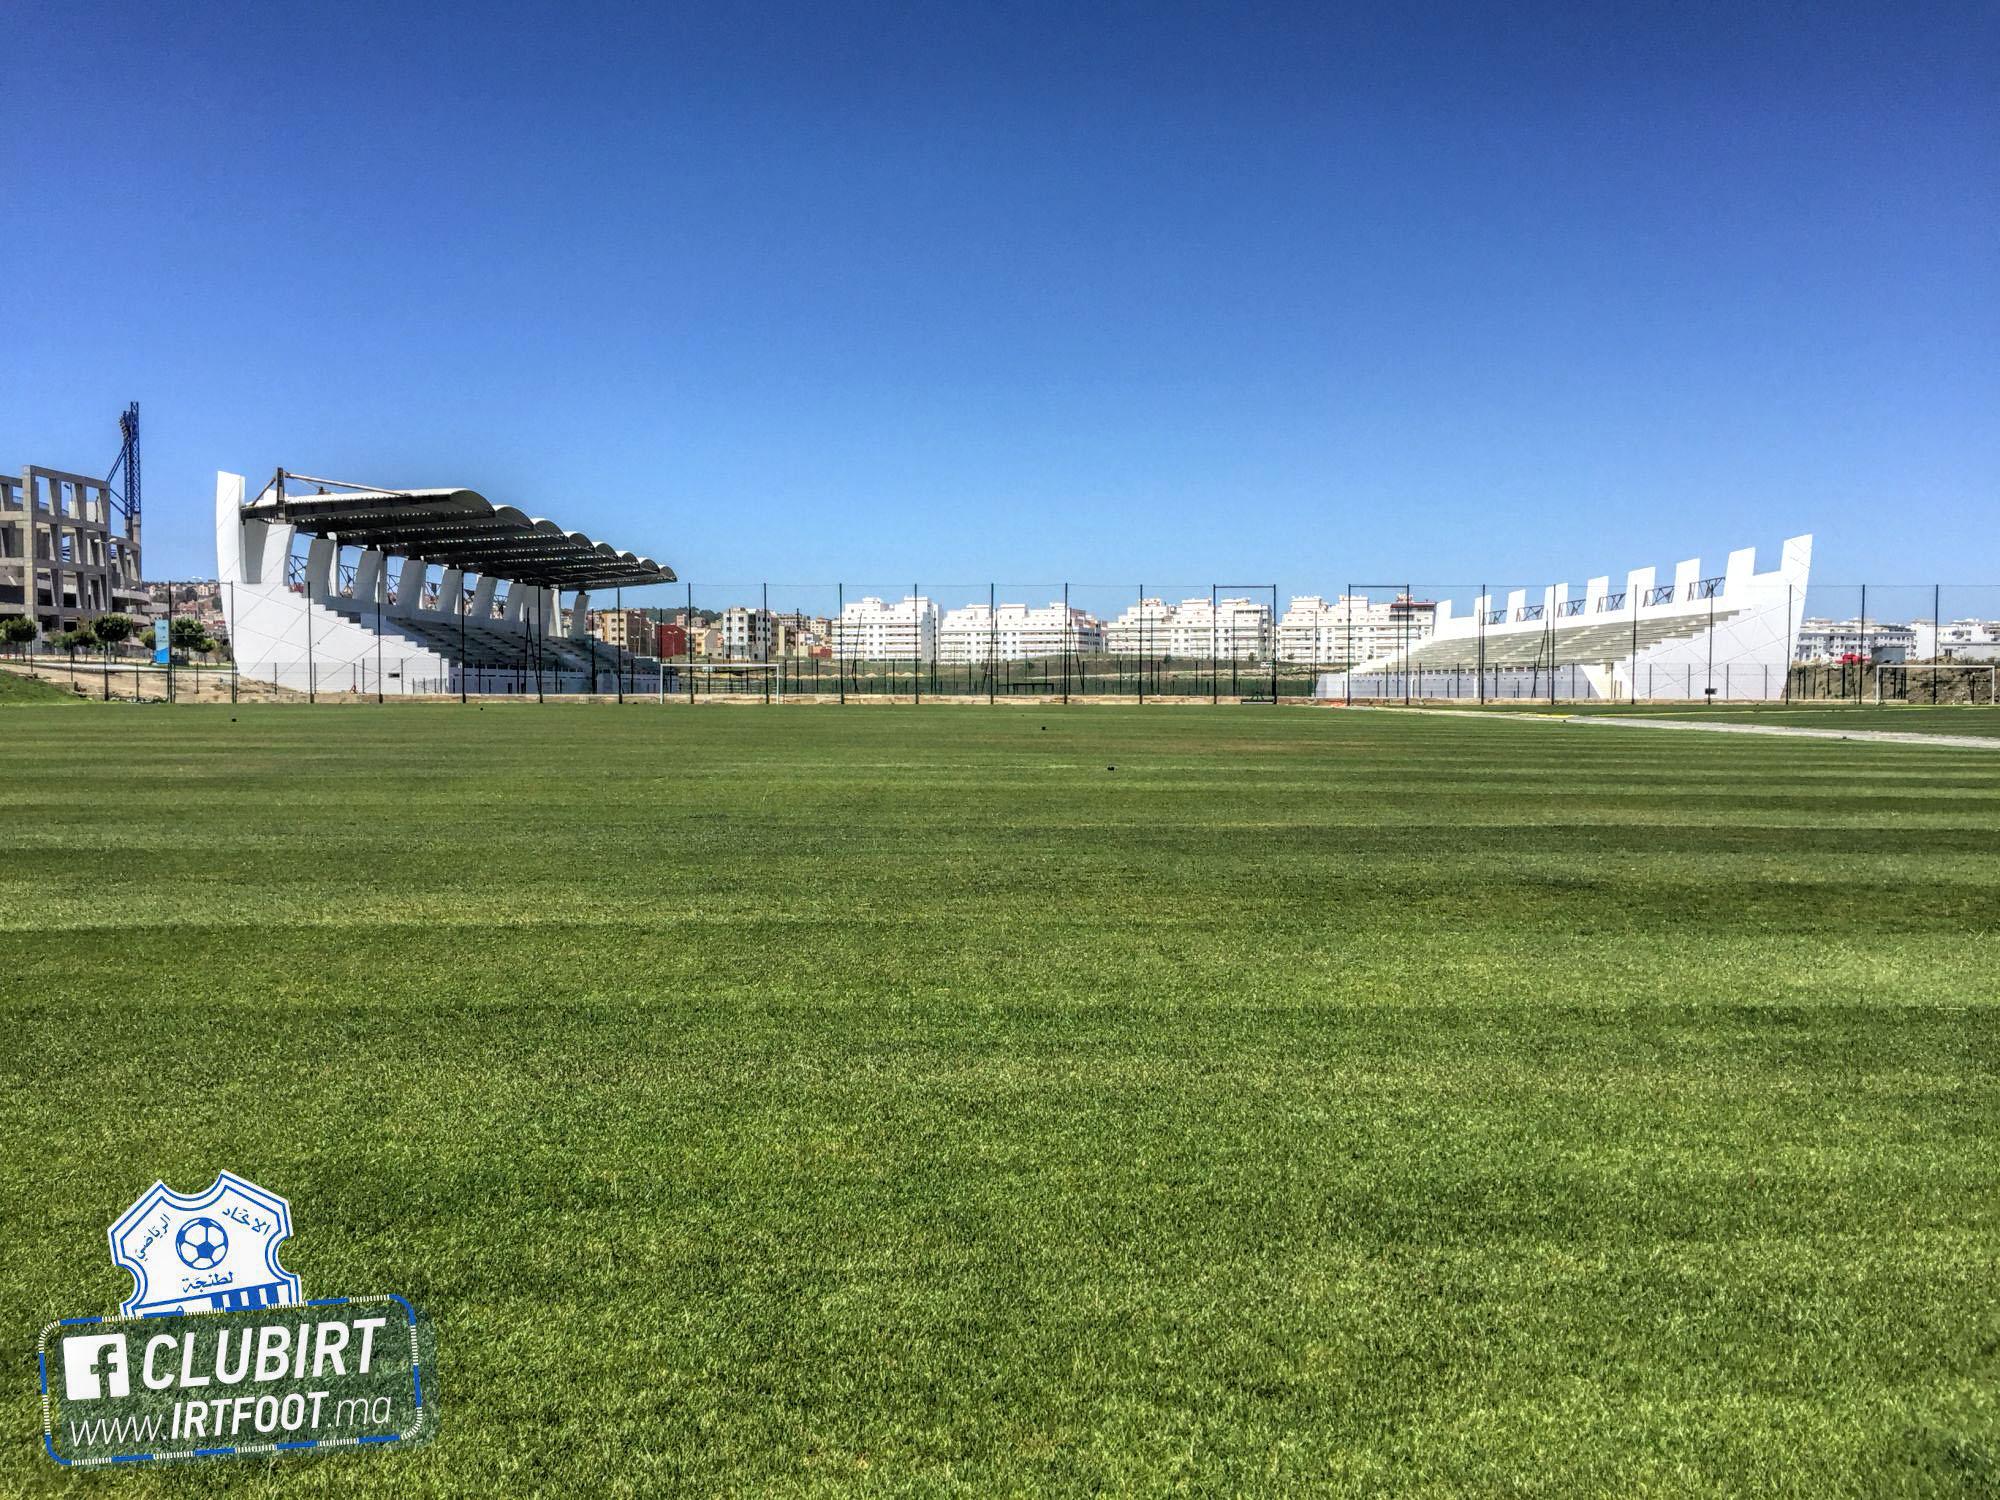 اتحاد طنجة يستفيد من ملعب جديد للتداريب مزود بالعشب الطبيعي وقريب جدا من ملعب بن بطوطة